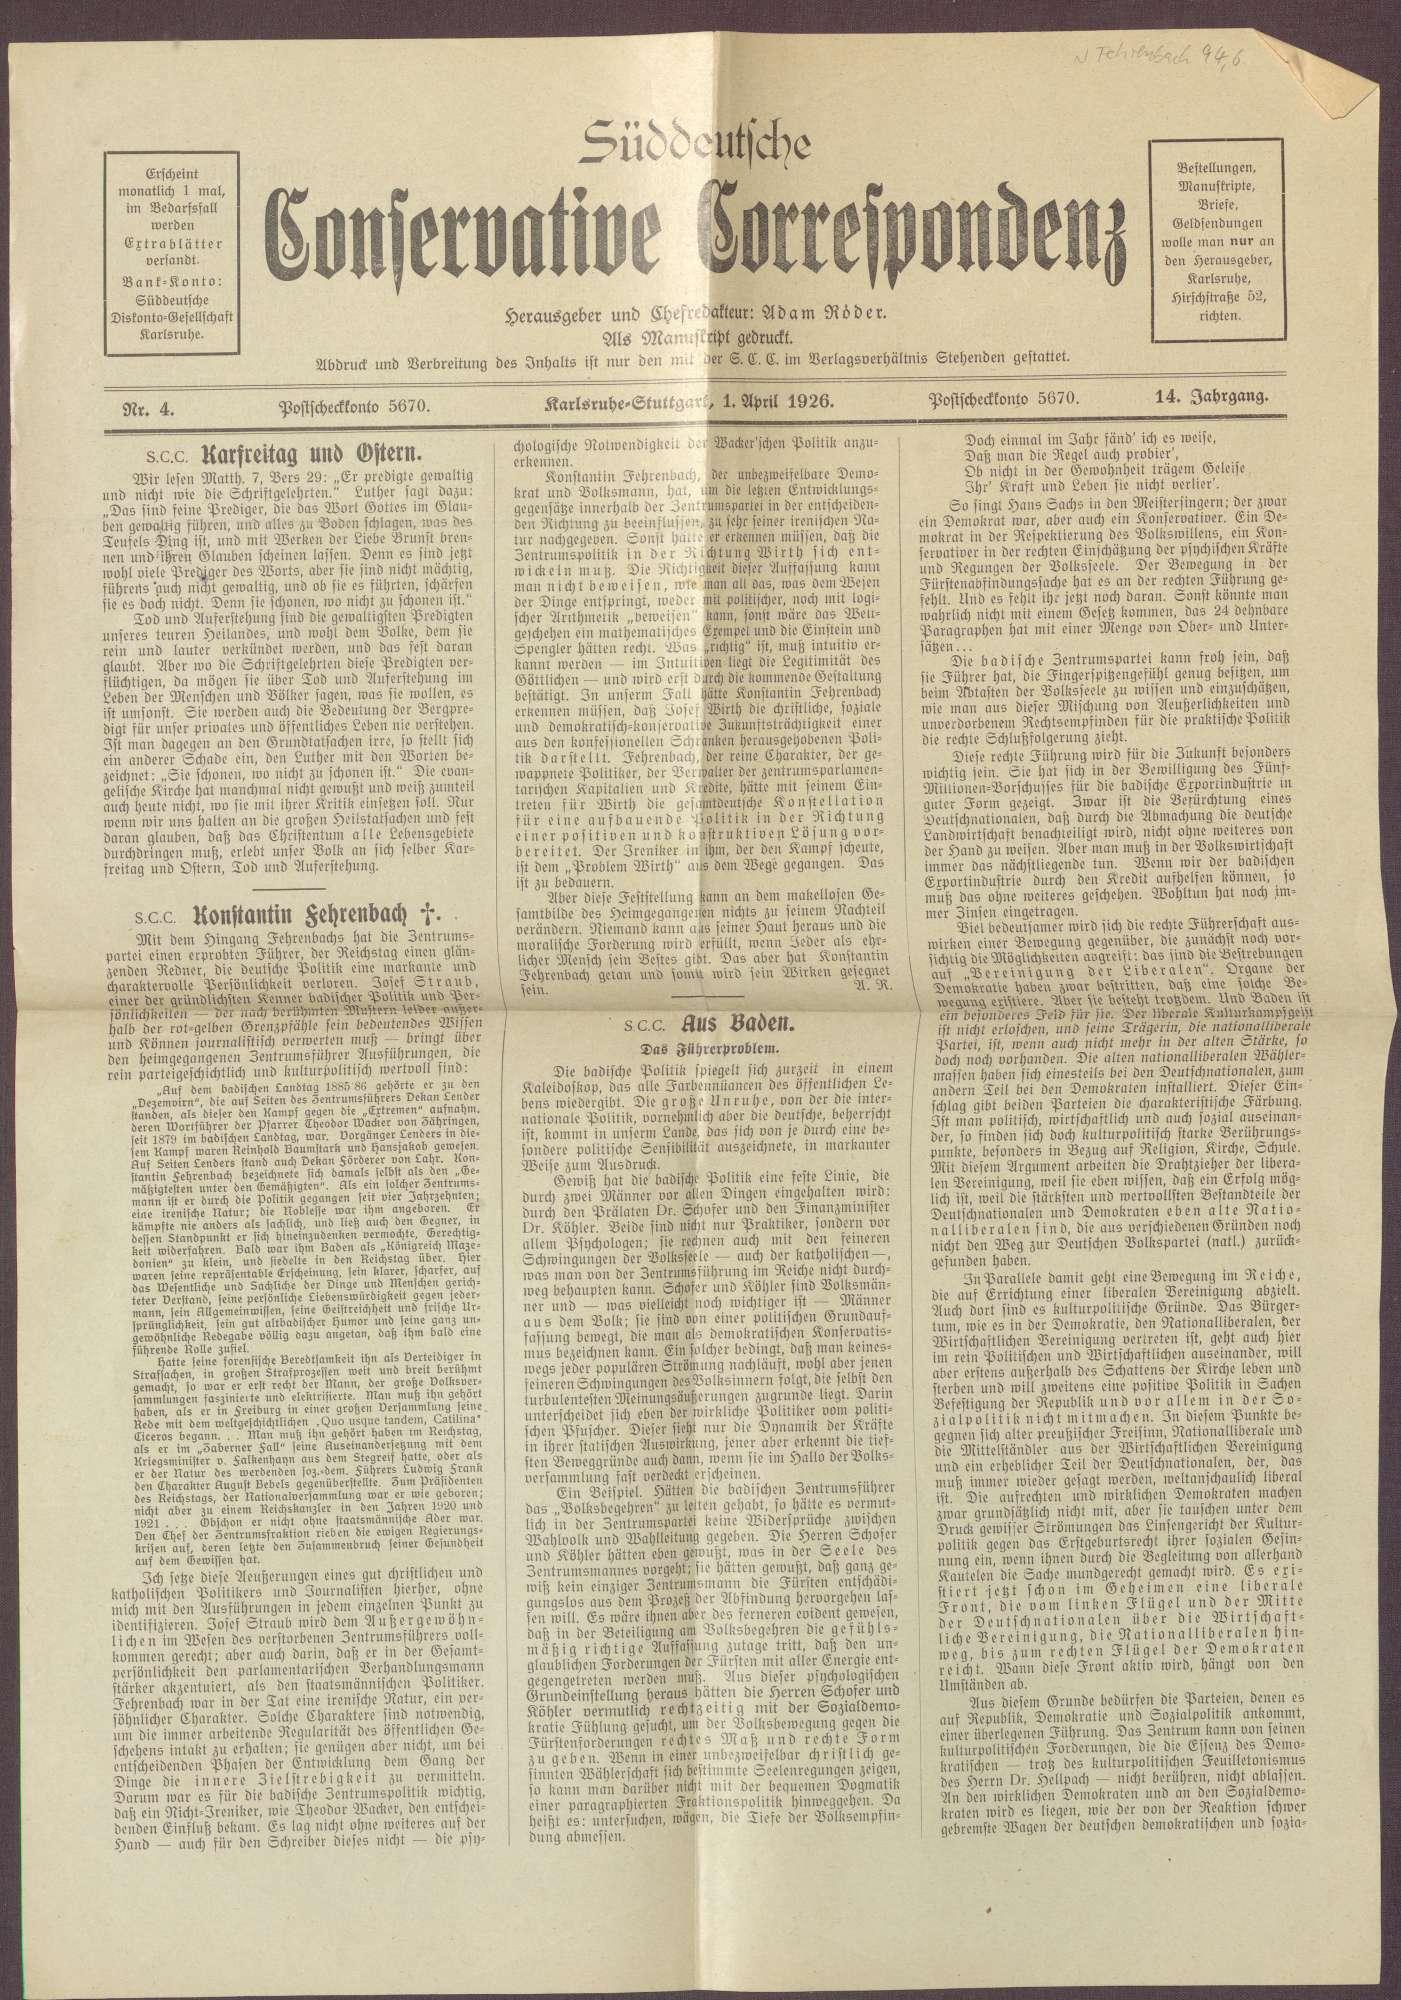 """Ausgabe von """"Süddeutsche Conservative Correspondenz"""", Bild 1"""